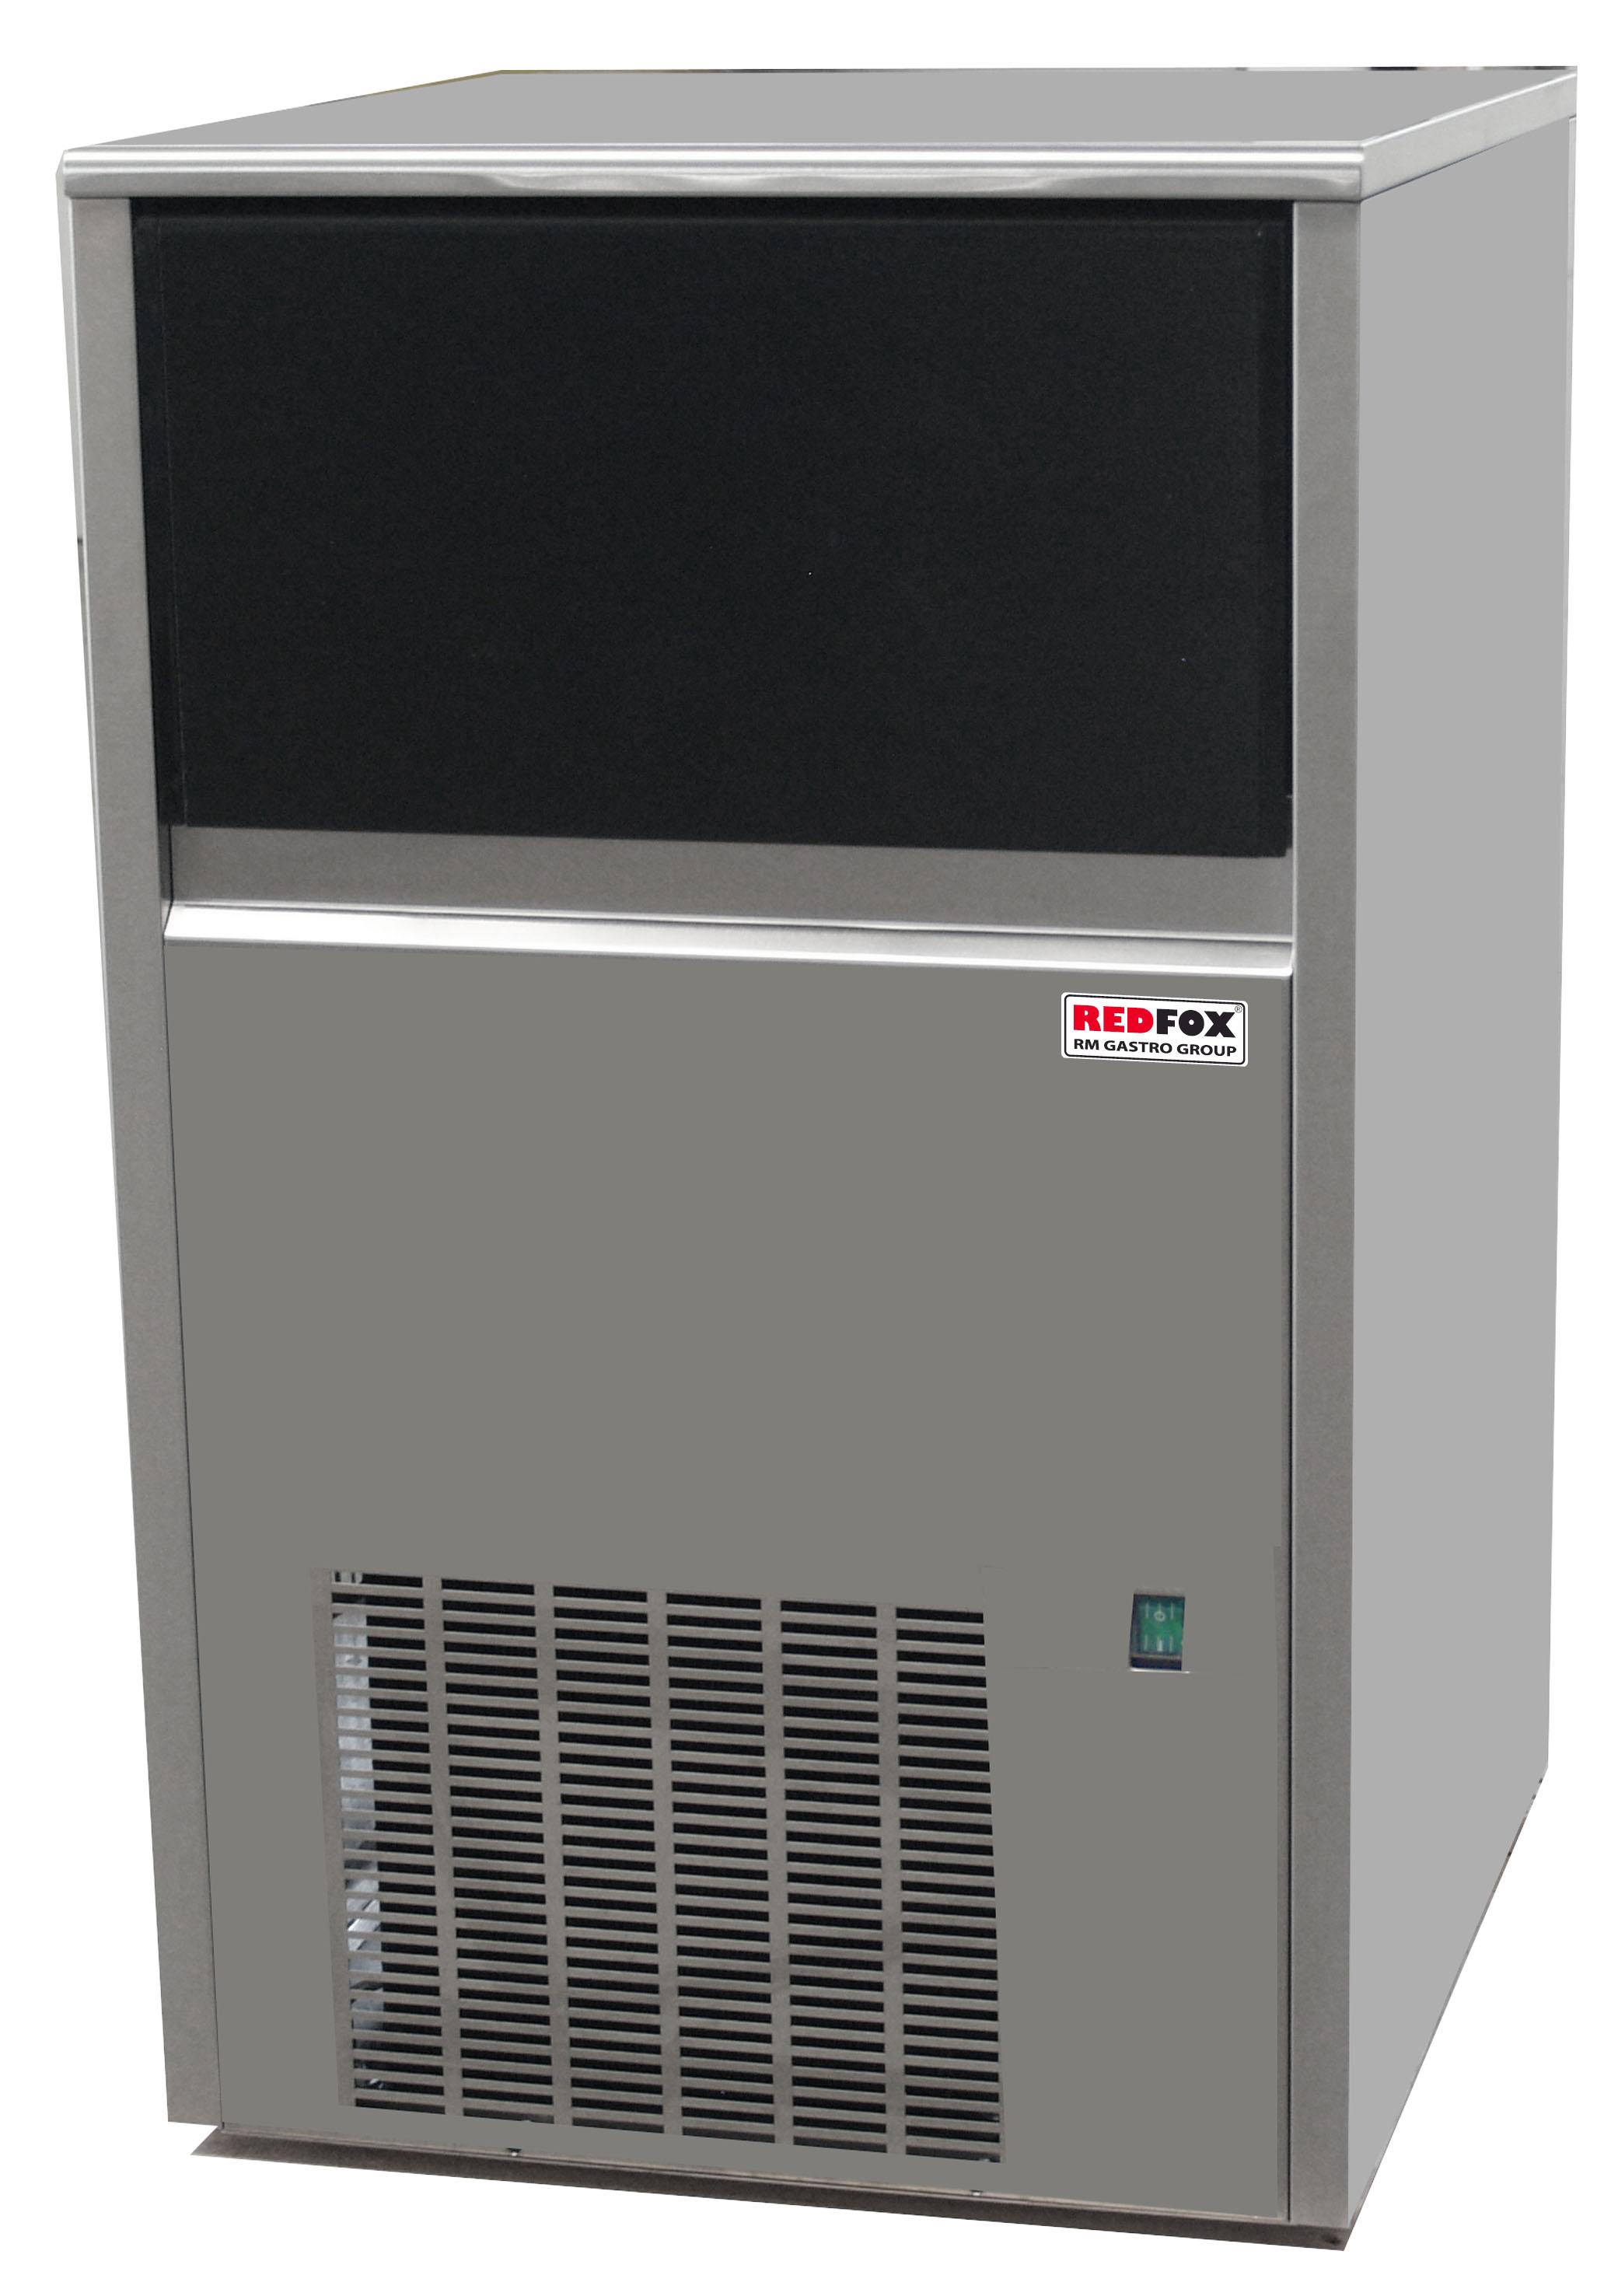 Výrobník ledu SS 60 W chlazení vodou REDFOX